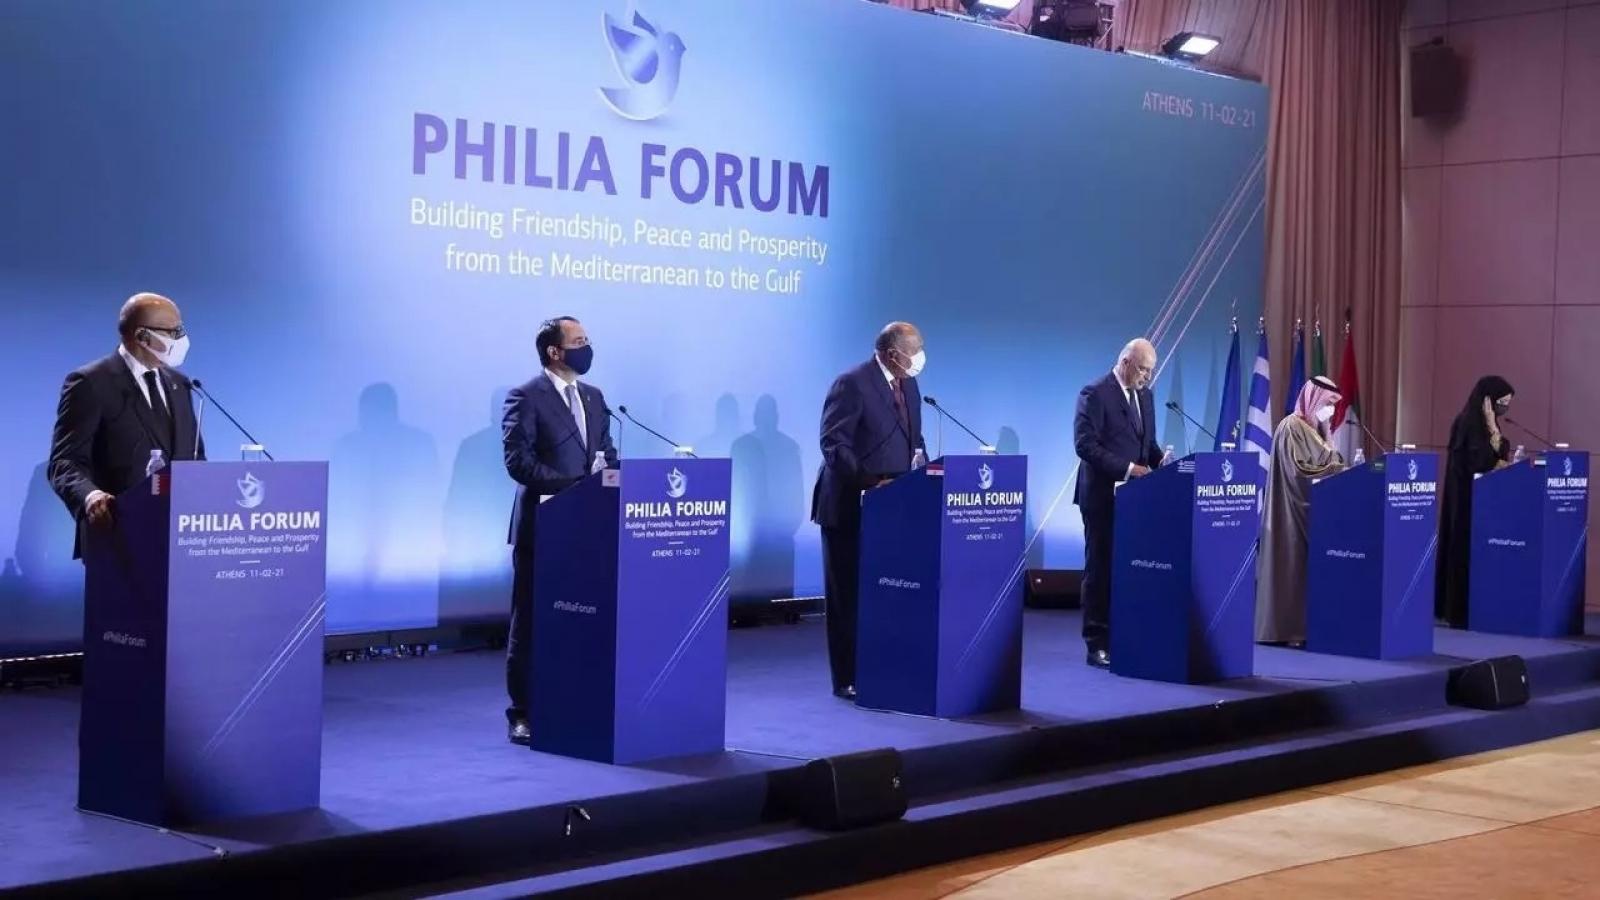 Diễn đàn hữu nghị kêu gọi tăng cường hợp tác ở khu vực Đông Địa Trung Hải